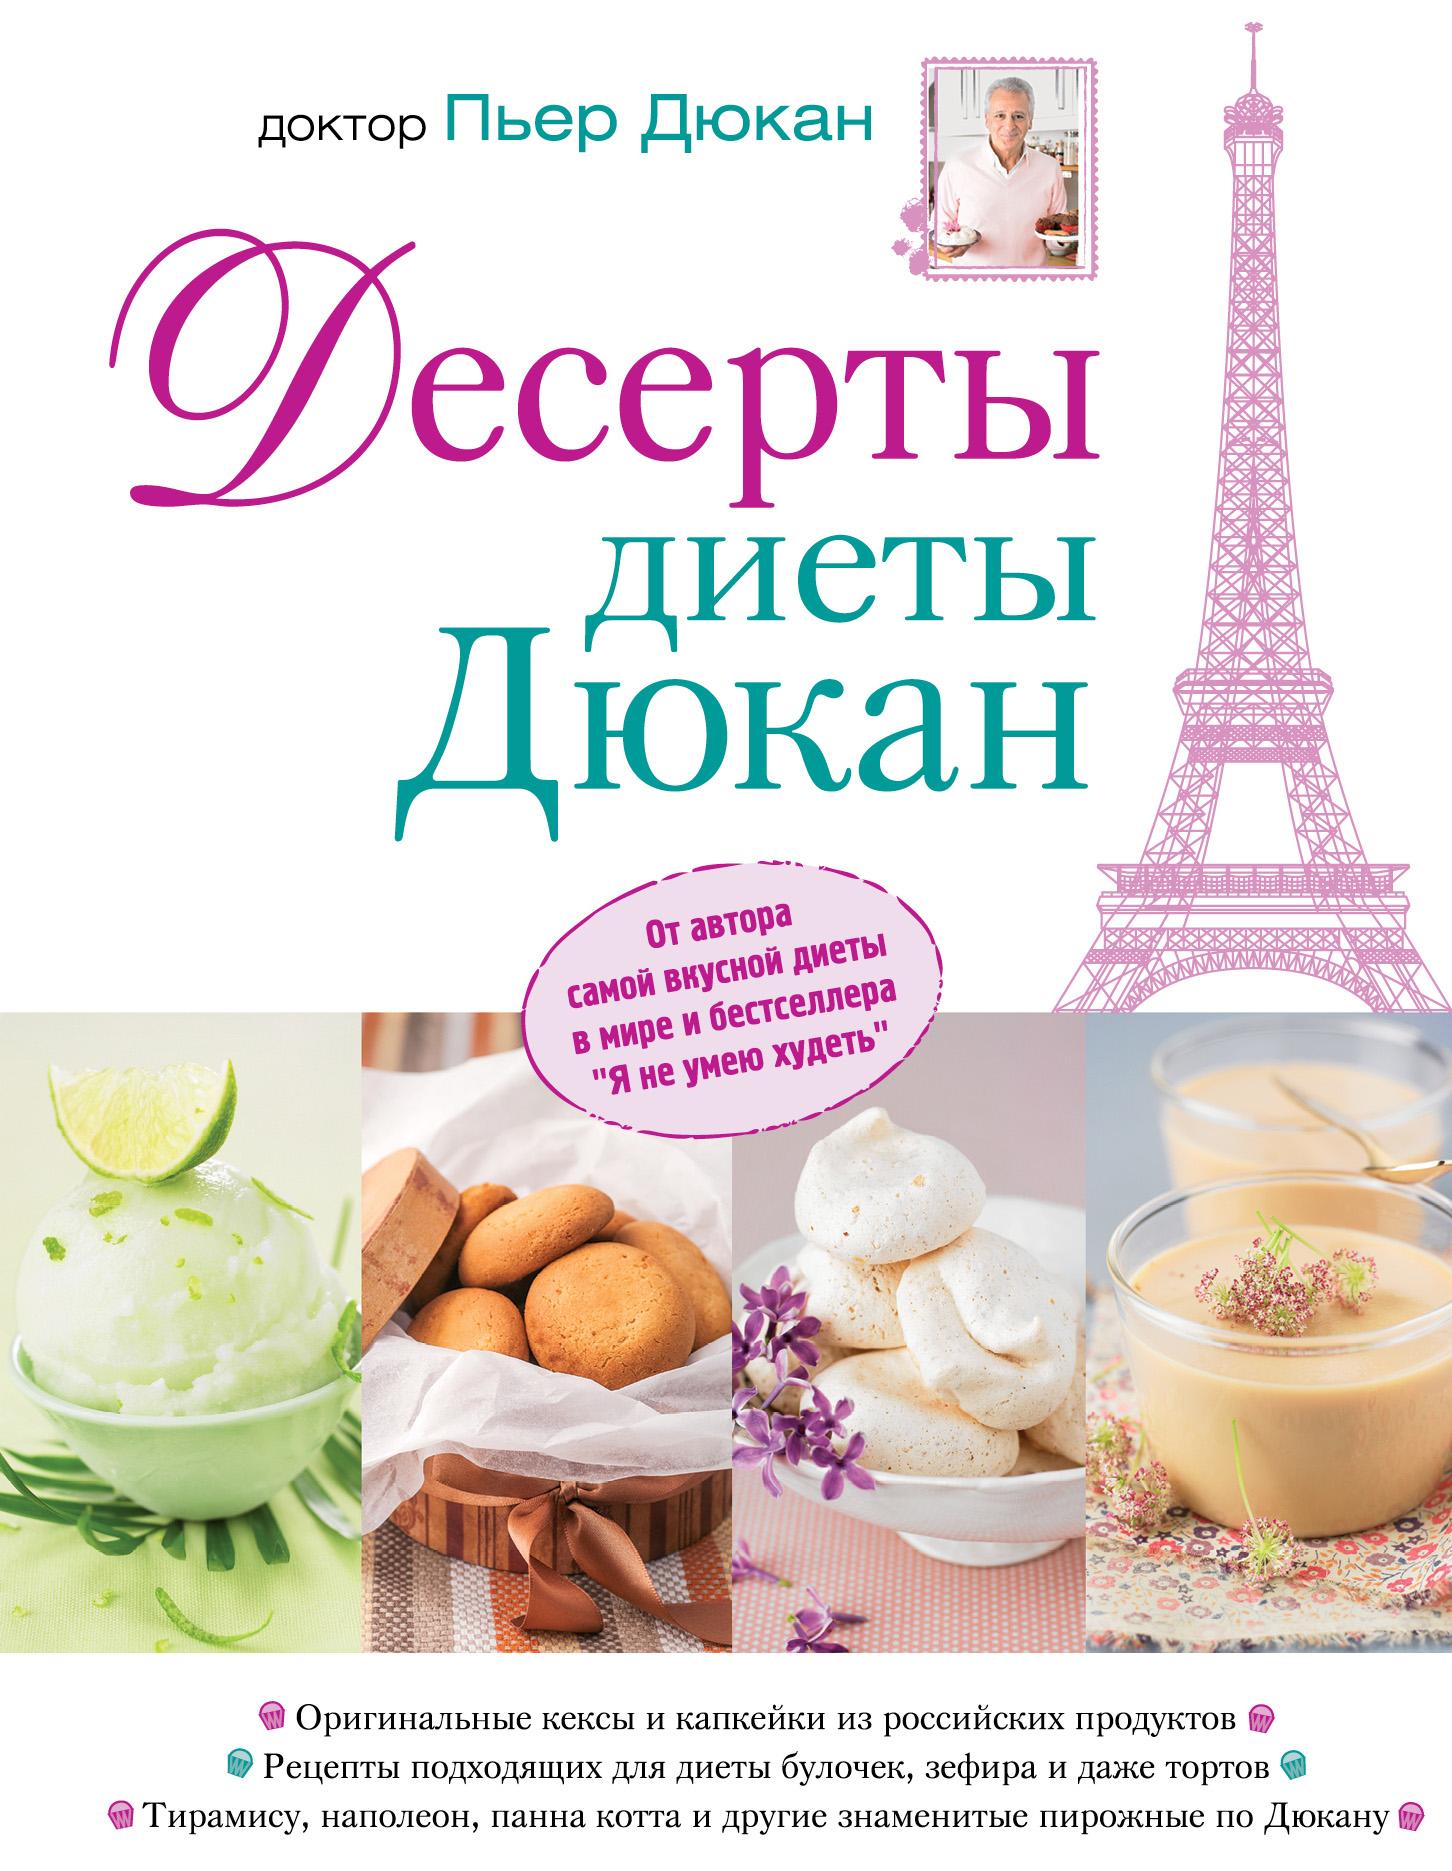 Пьер Дюкан Десерты диеты Дюкан книги эксмо рецепты для мультиварки к диете дюкан